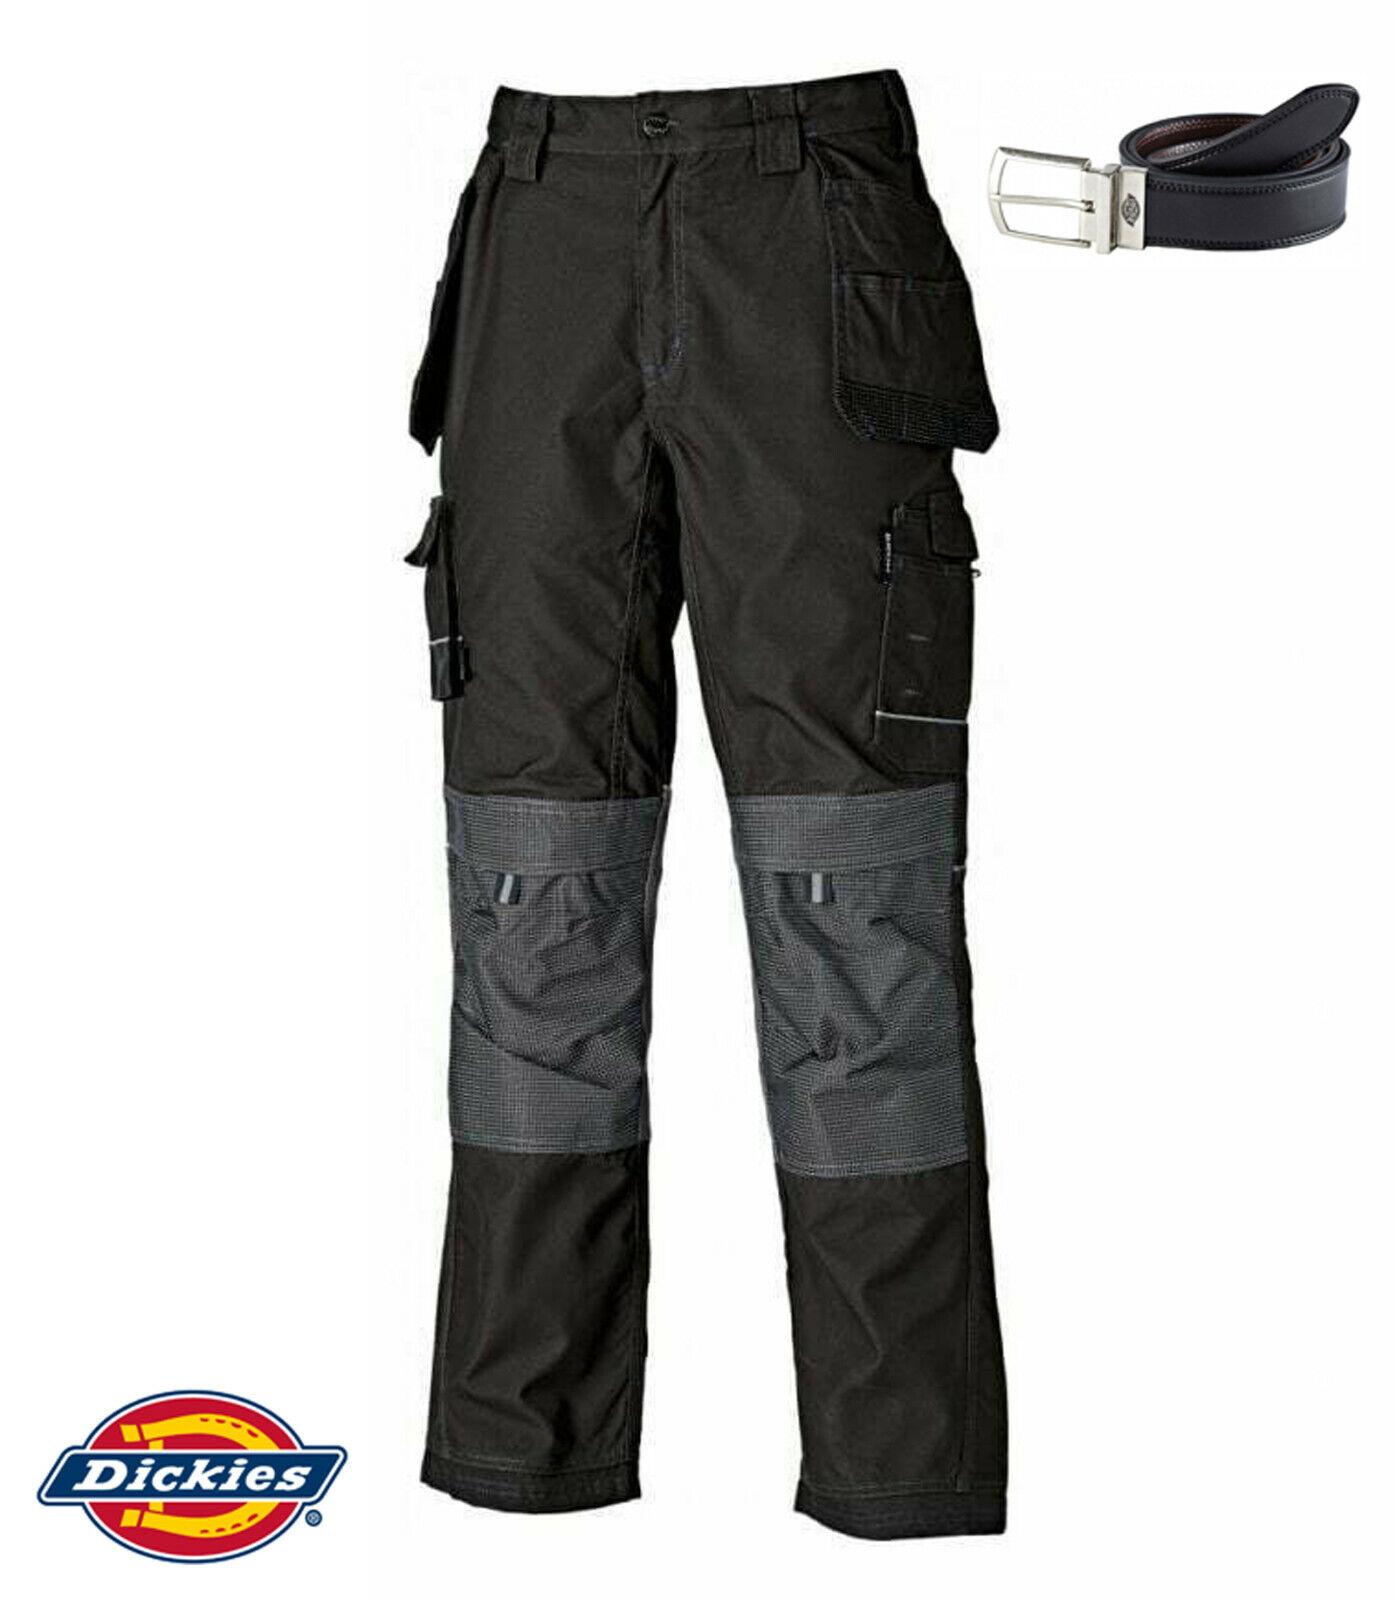 Dickies Eisenhower Max Trousers Mens Lightweight Durable Work Pants EH30050R